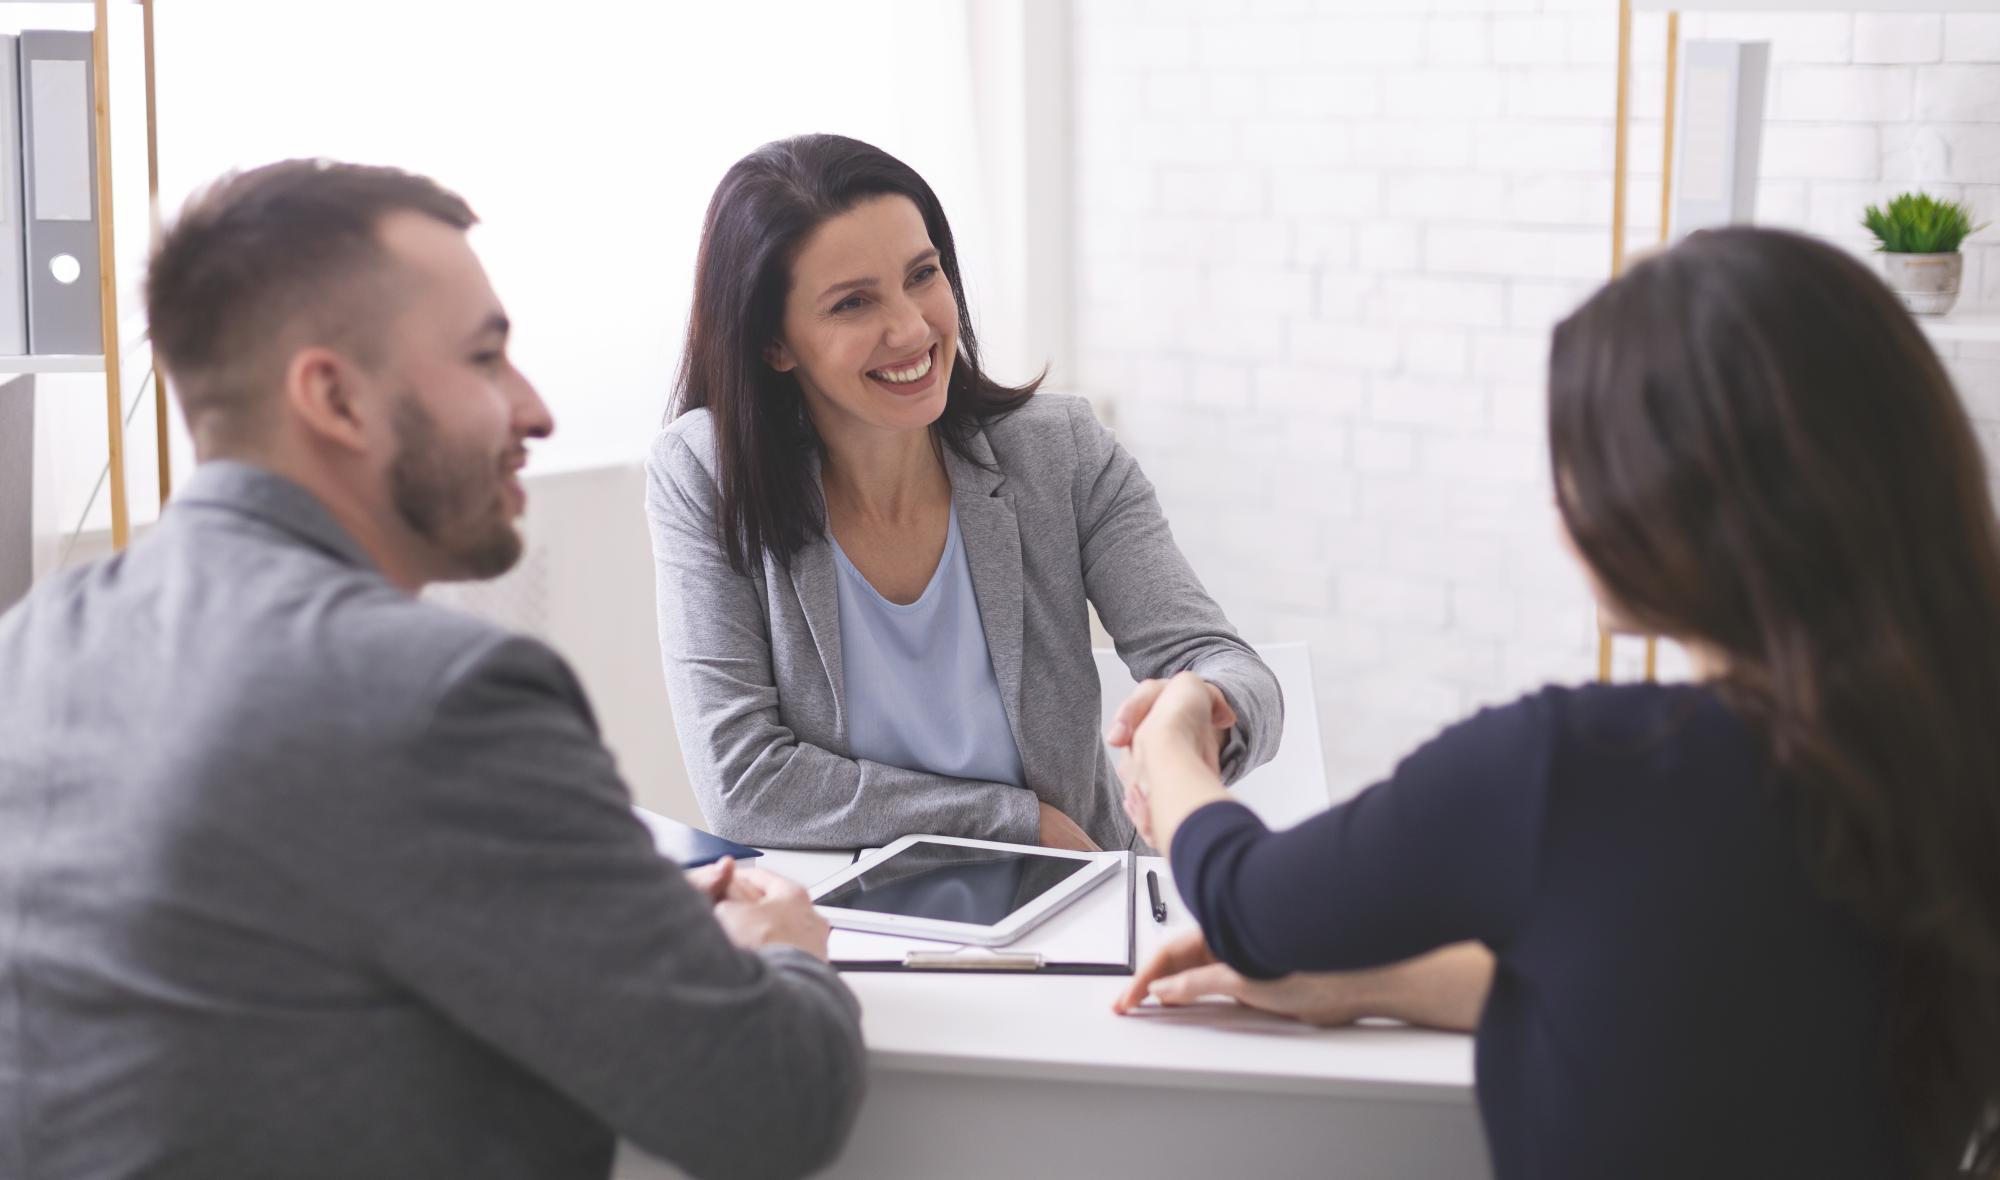 Работодателей могут обязать начислять страховые взносы в ФСС и на ОМС на выплаты временно пребывающим иностранным работникам